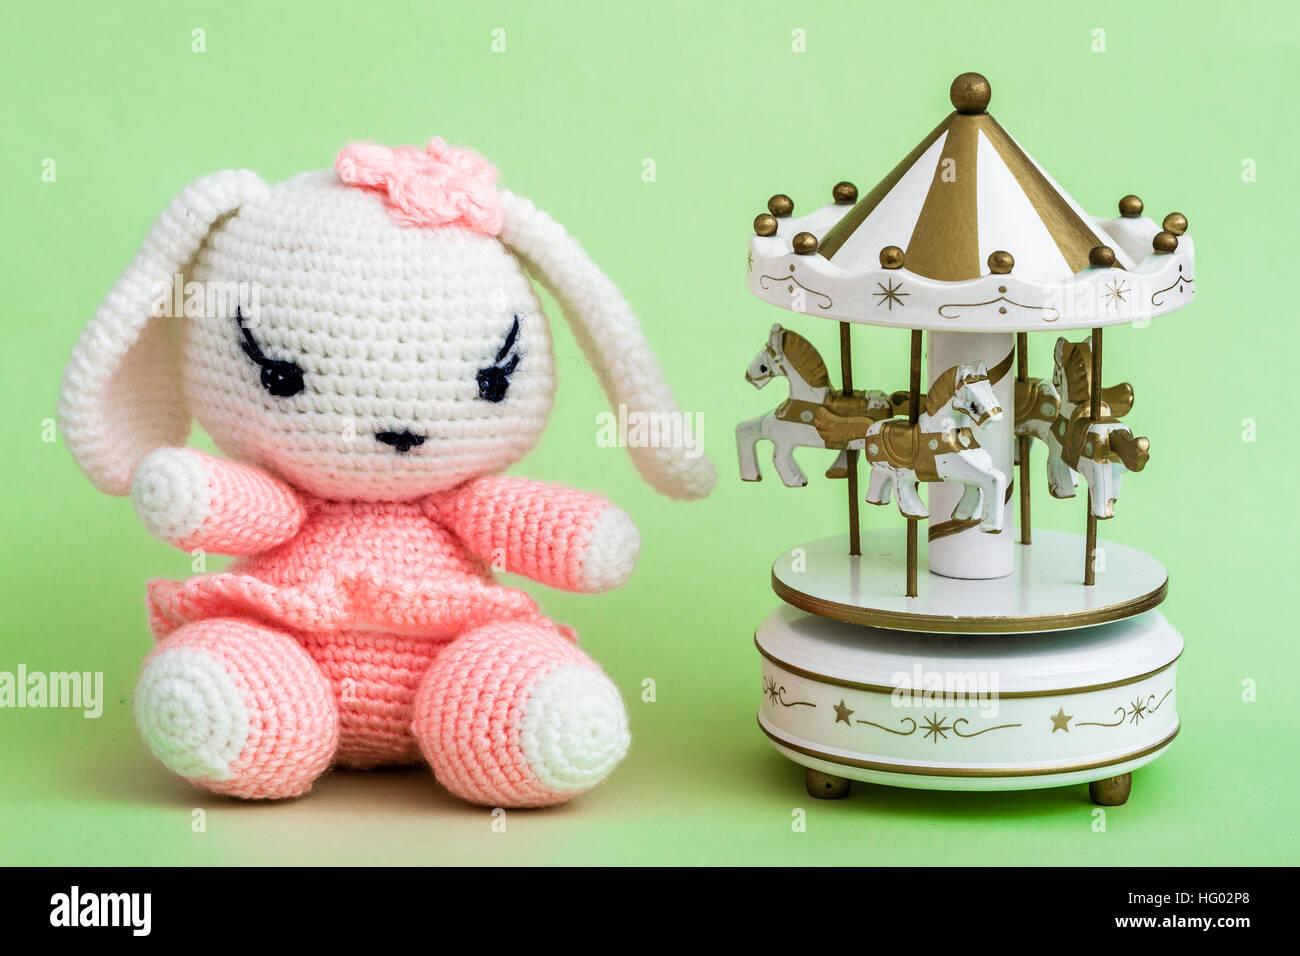 Amigurumi Crochet lapin jouet hochet Crochet bébé jouet cadeau ... | 956x1300